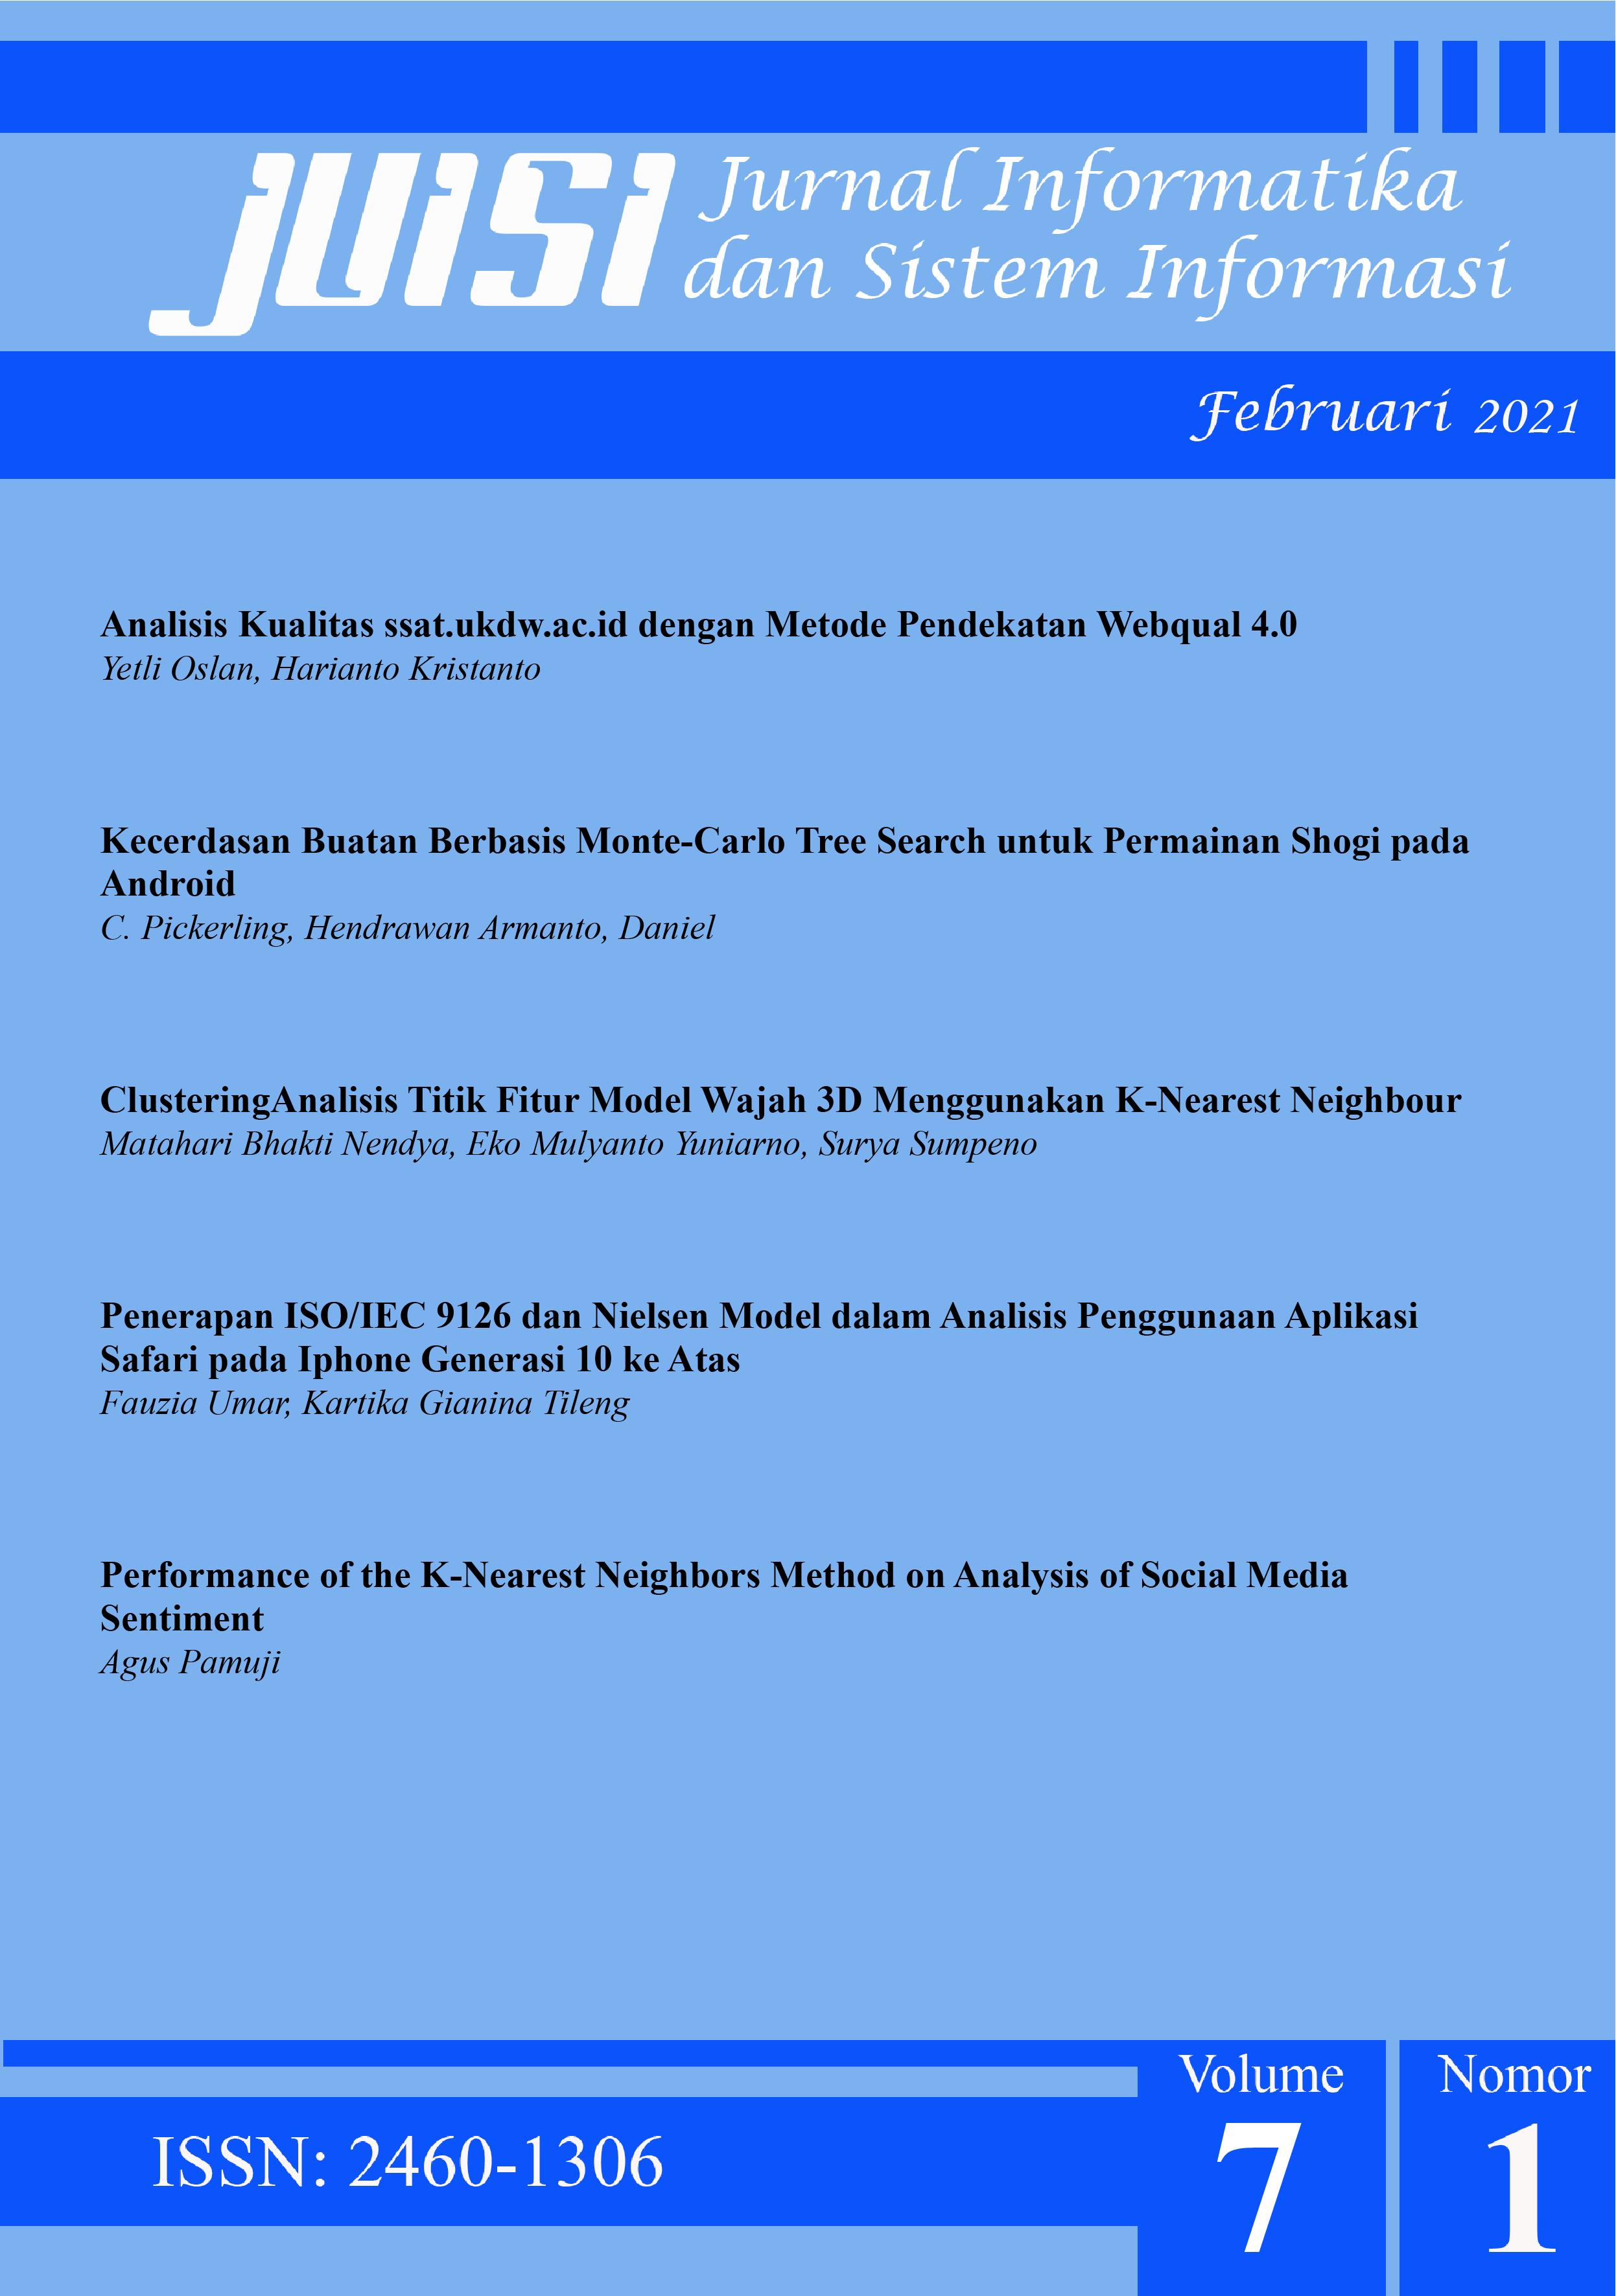 Jurnal Informatika dan Sistem Informasi JUISI